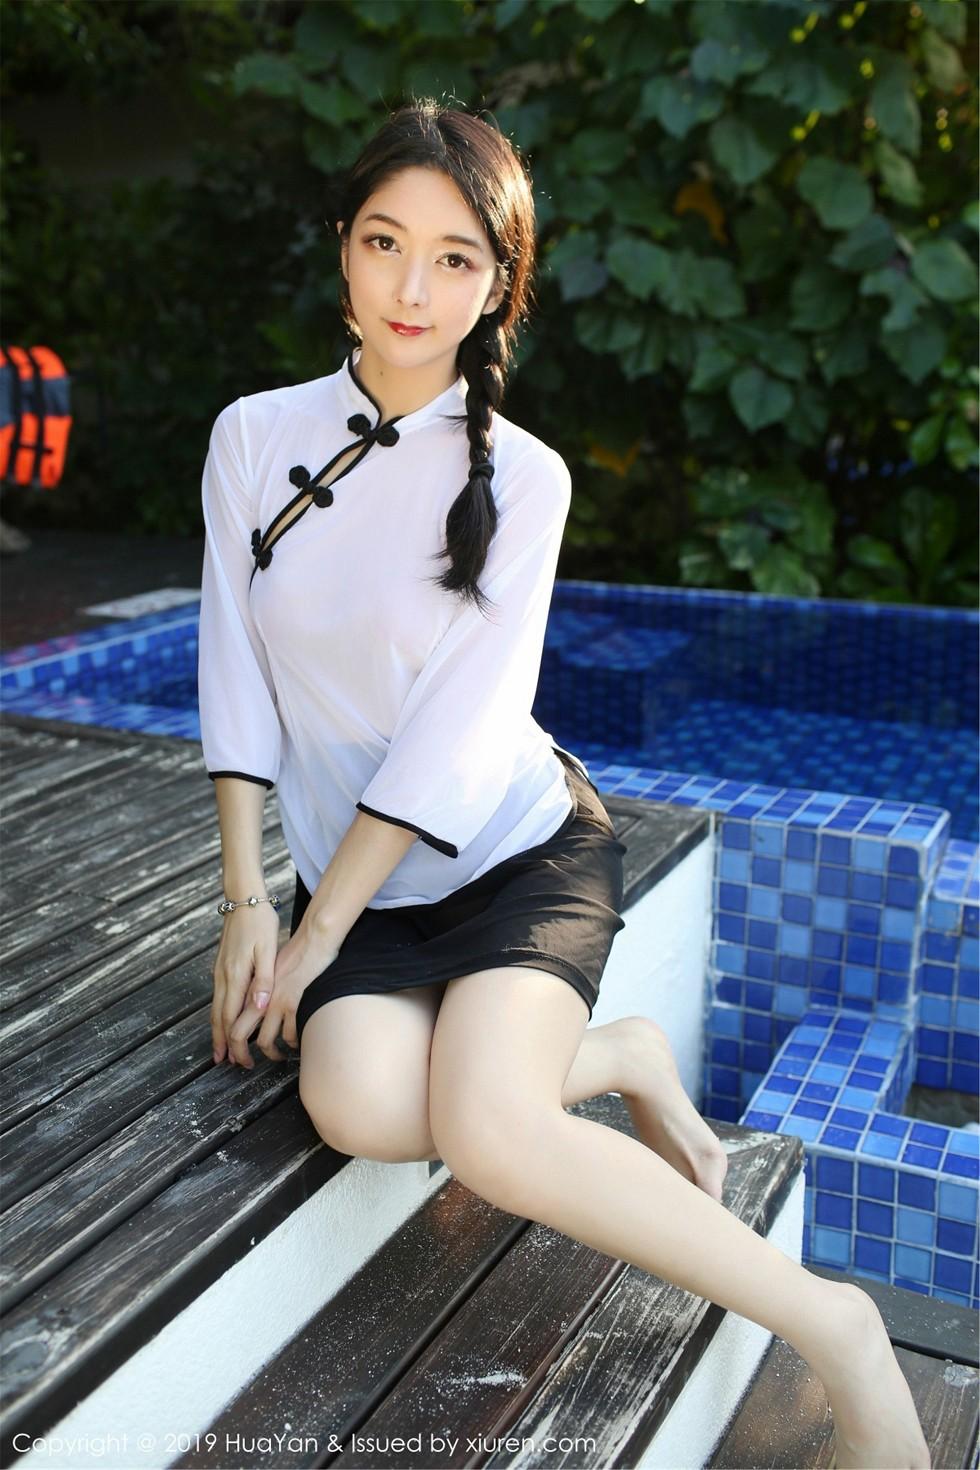 嫩模Angela喜欢猫私房古典透视旗袍+运动服完美诱惑无圣光写真41P